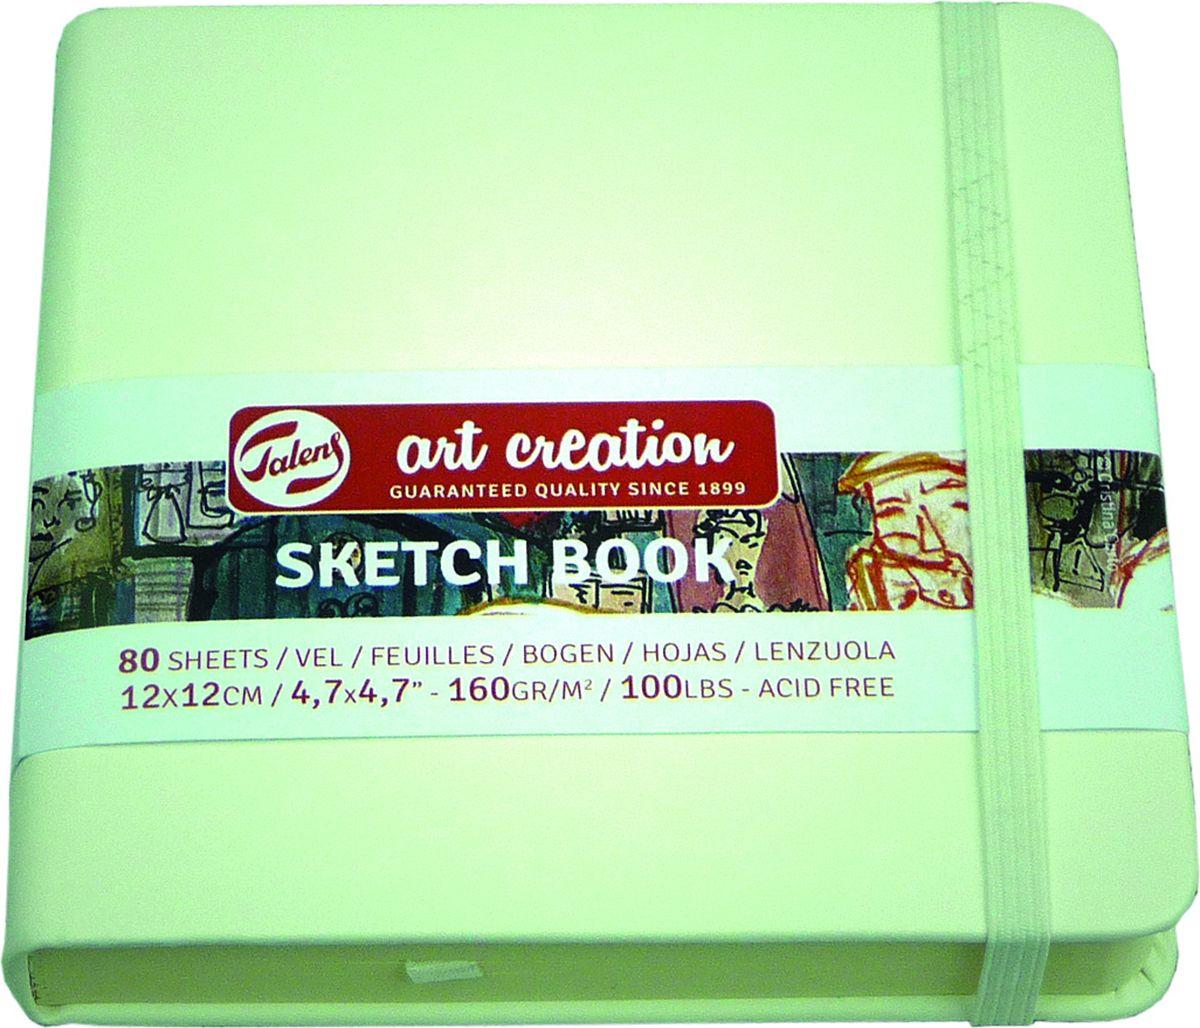 Royal Talens Блокнот для зарисовок Art Creation цвет белый 80 листов 9314104M9314104MБлокноты Art Creation идеально подойдут для графических зарисовок карандашом, пастелью, углем, ручкой, а также для записей и заметок.Благодаря высококачественной бумаге, гелевые и масляные чернила не просачиваются, а твердая обложка защищает листы от смятия.